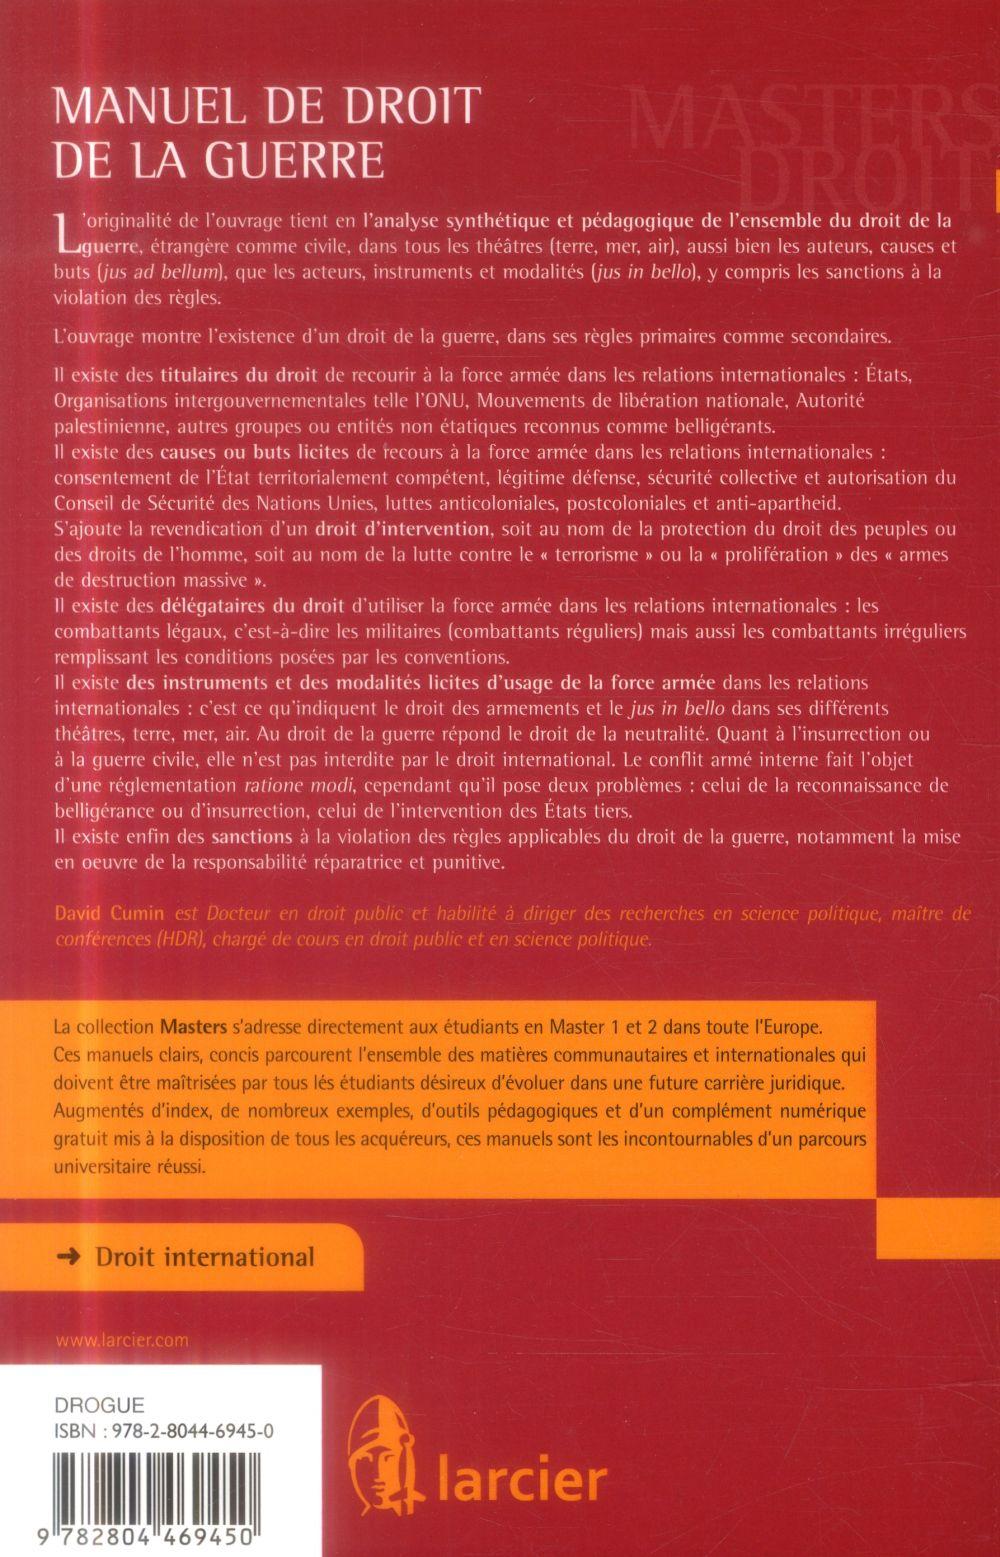 manuel de droit de la guerre